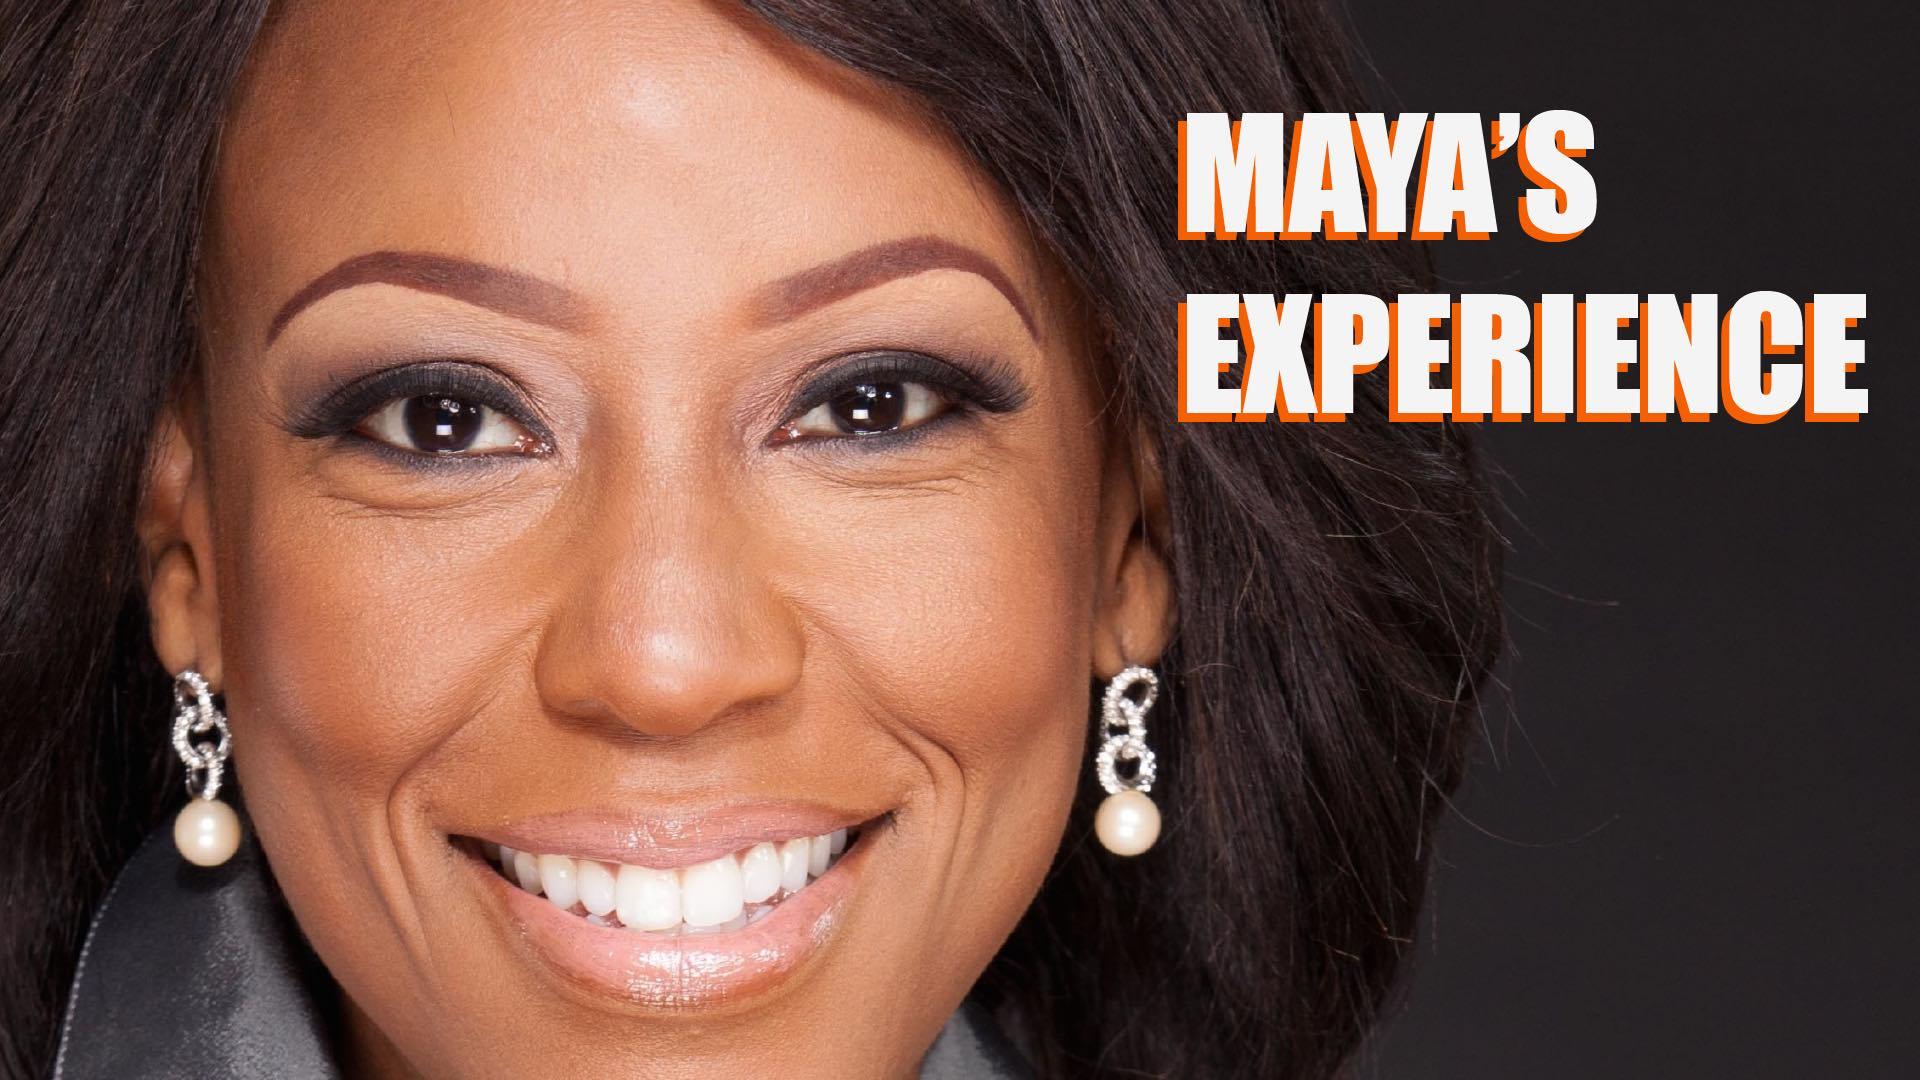 Maya Rockeymoore Cummings: My Experience